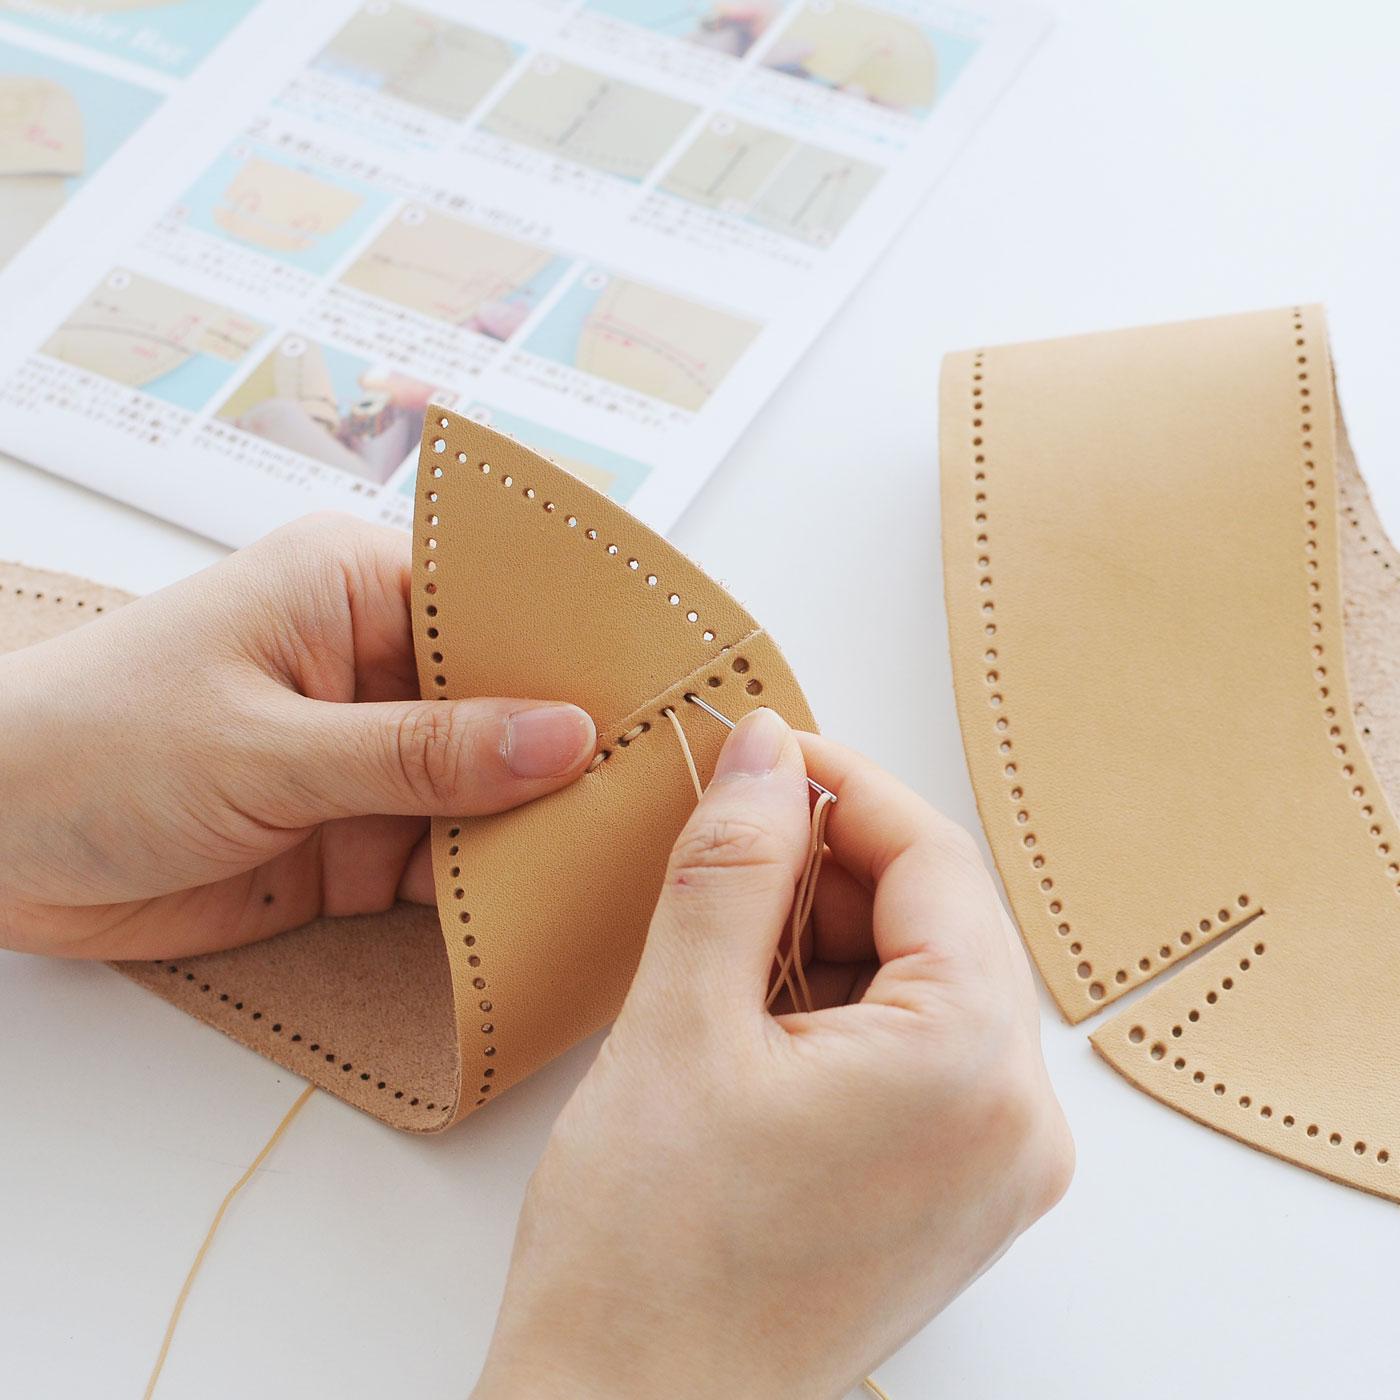 作り方説明書を見ながら縫い上げるだけで完成します。